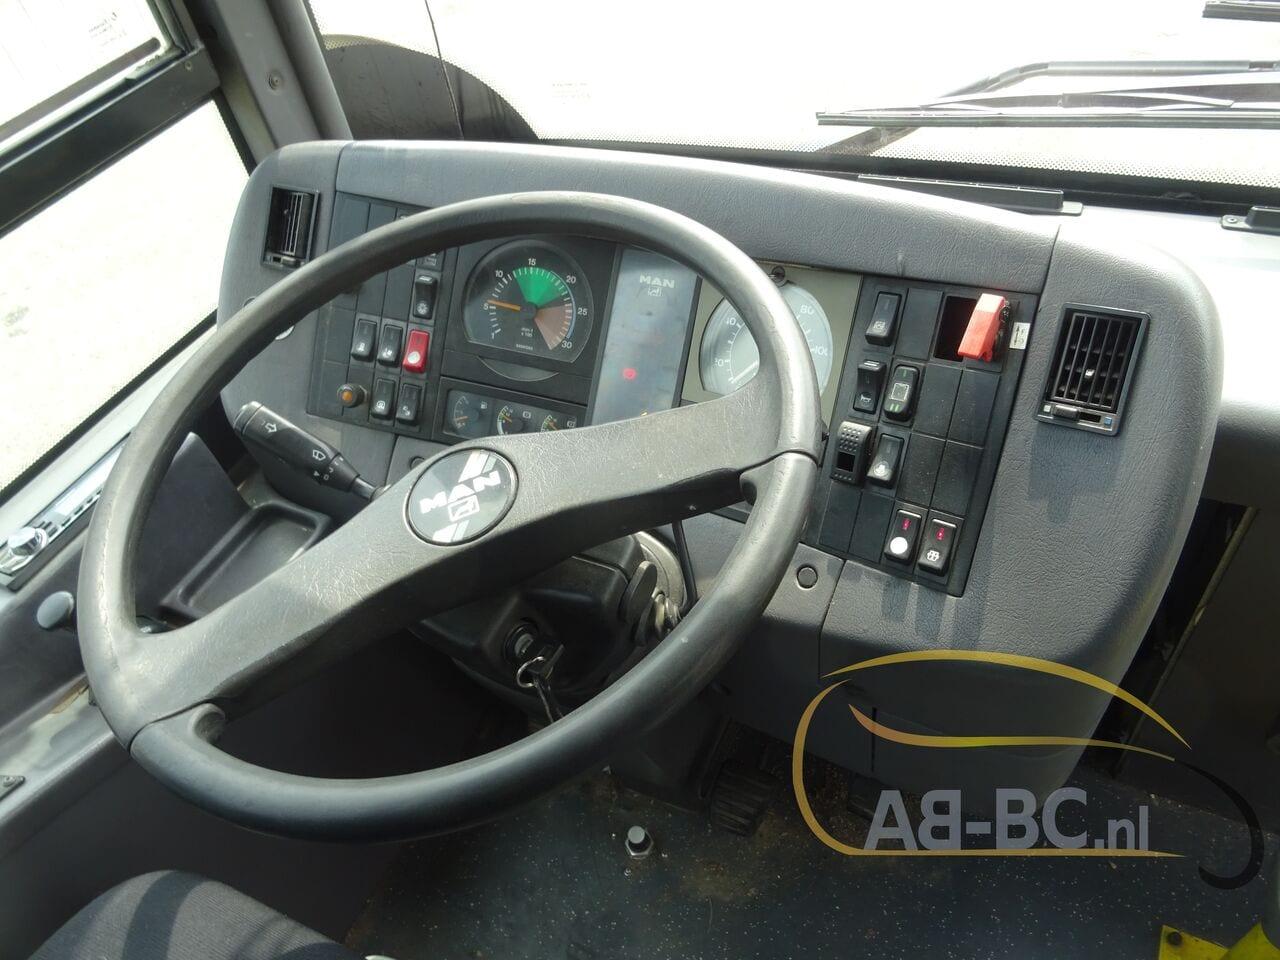 interurban-busMAN-Fast-64-seats---1619619861038606073_big_b66417838cd14e734594bb6d62635674--21042817163019598600